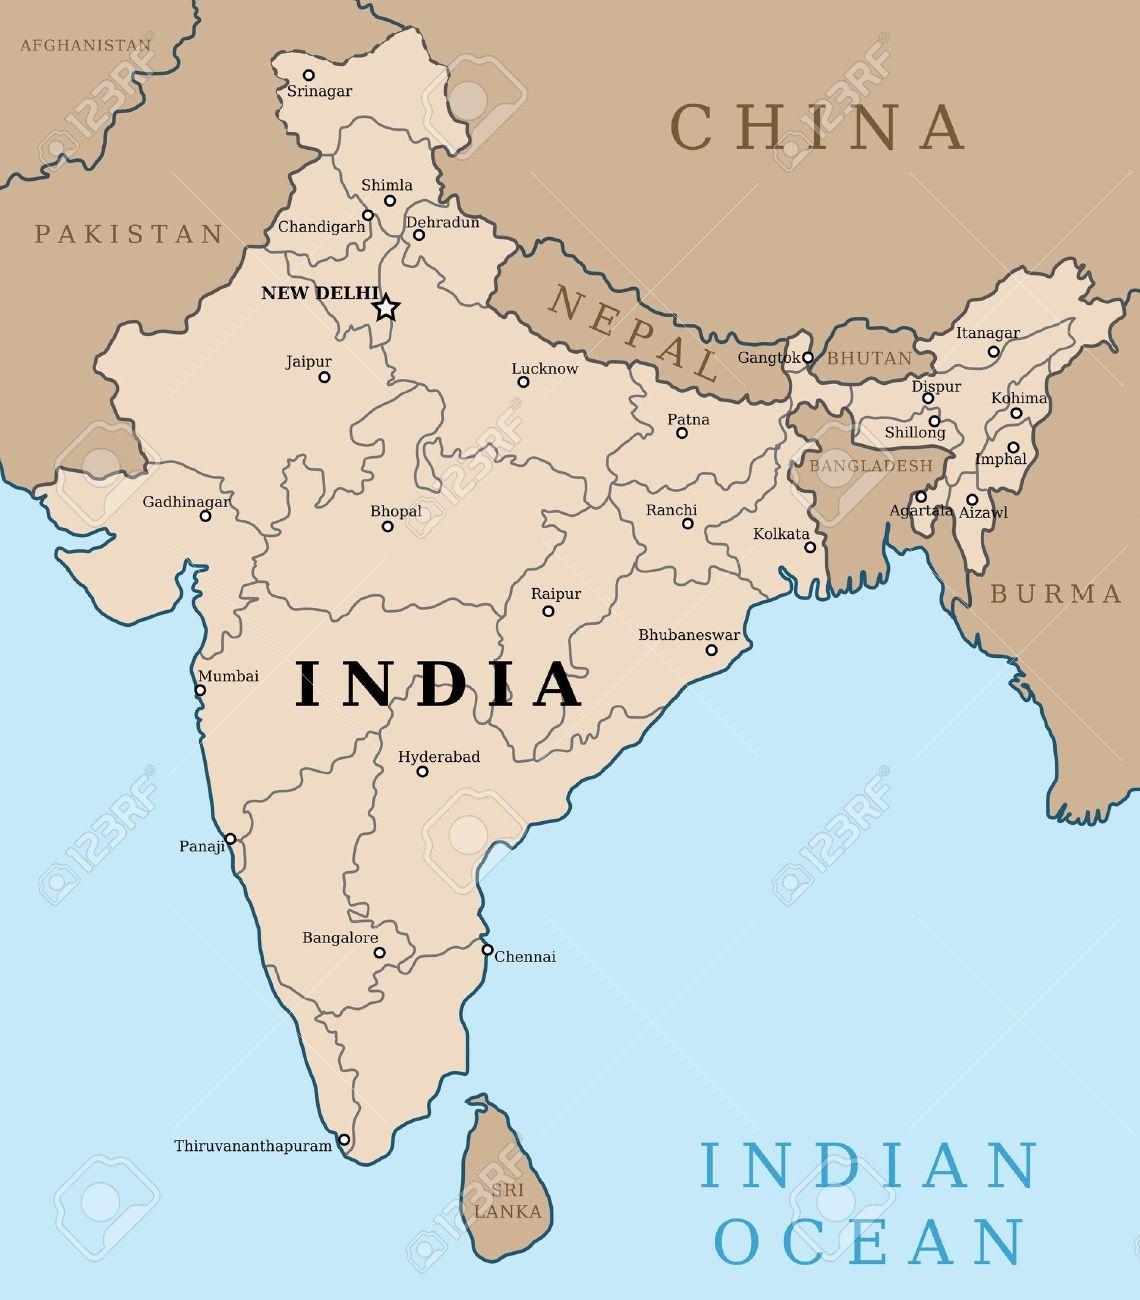 Carte Inde Principales Villes.Carte De L Inde Decrire La Carte Du Pays Avec Illustration Des Grandes Villes Capitales D Etat